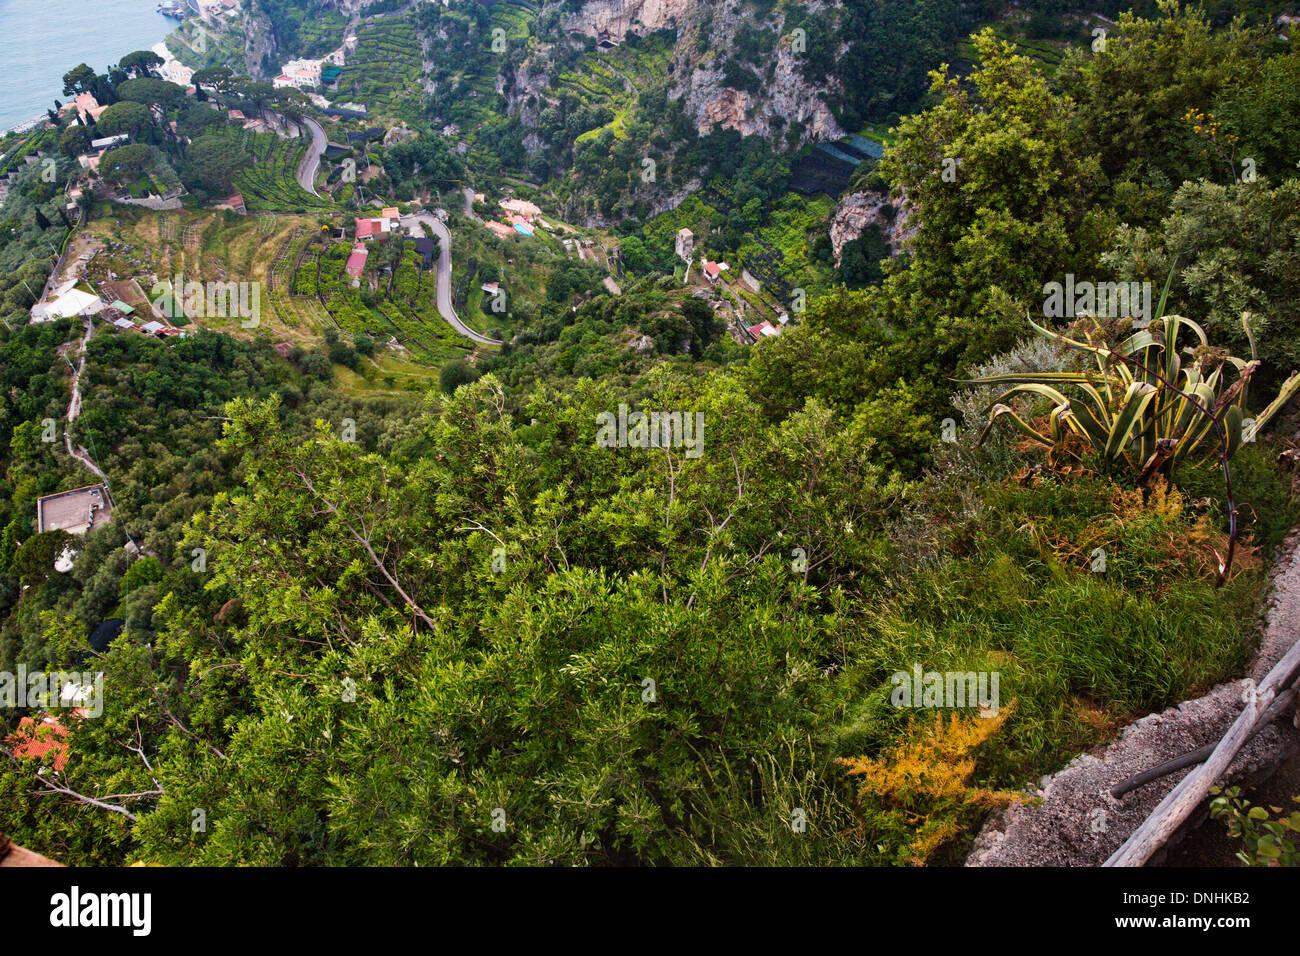 Arbres sur une colline, la Villa Cimbrone, Ravello, Province de Salerne, Campanie, Italie Banque D'Images